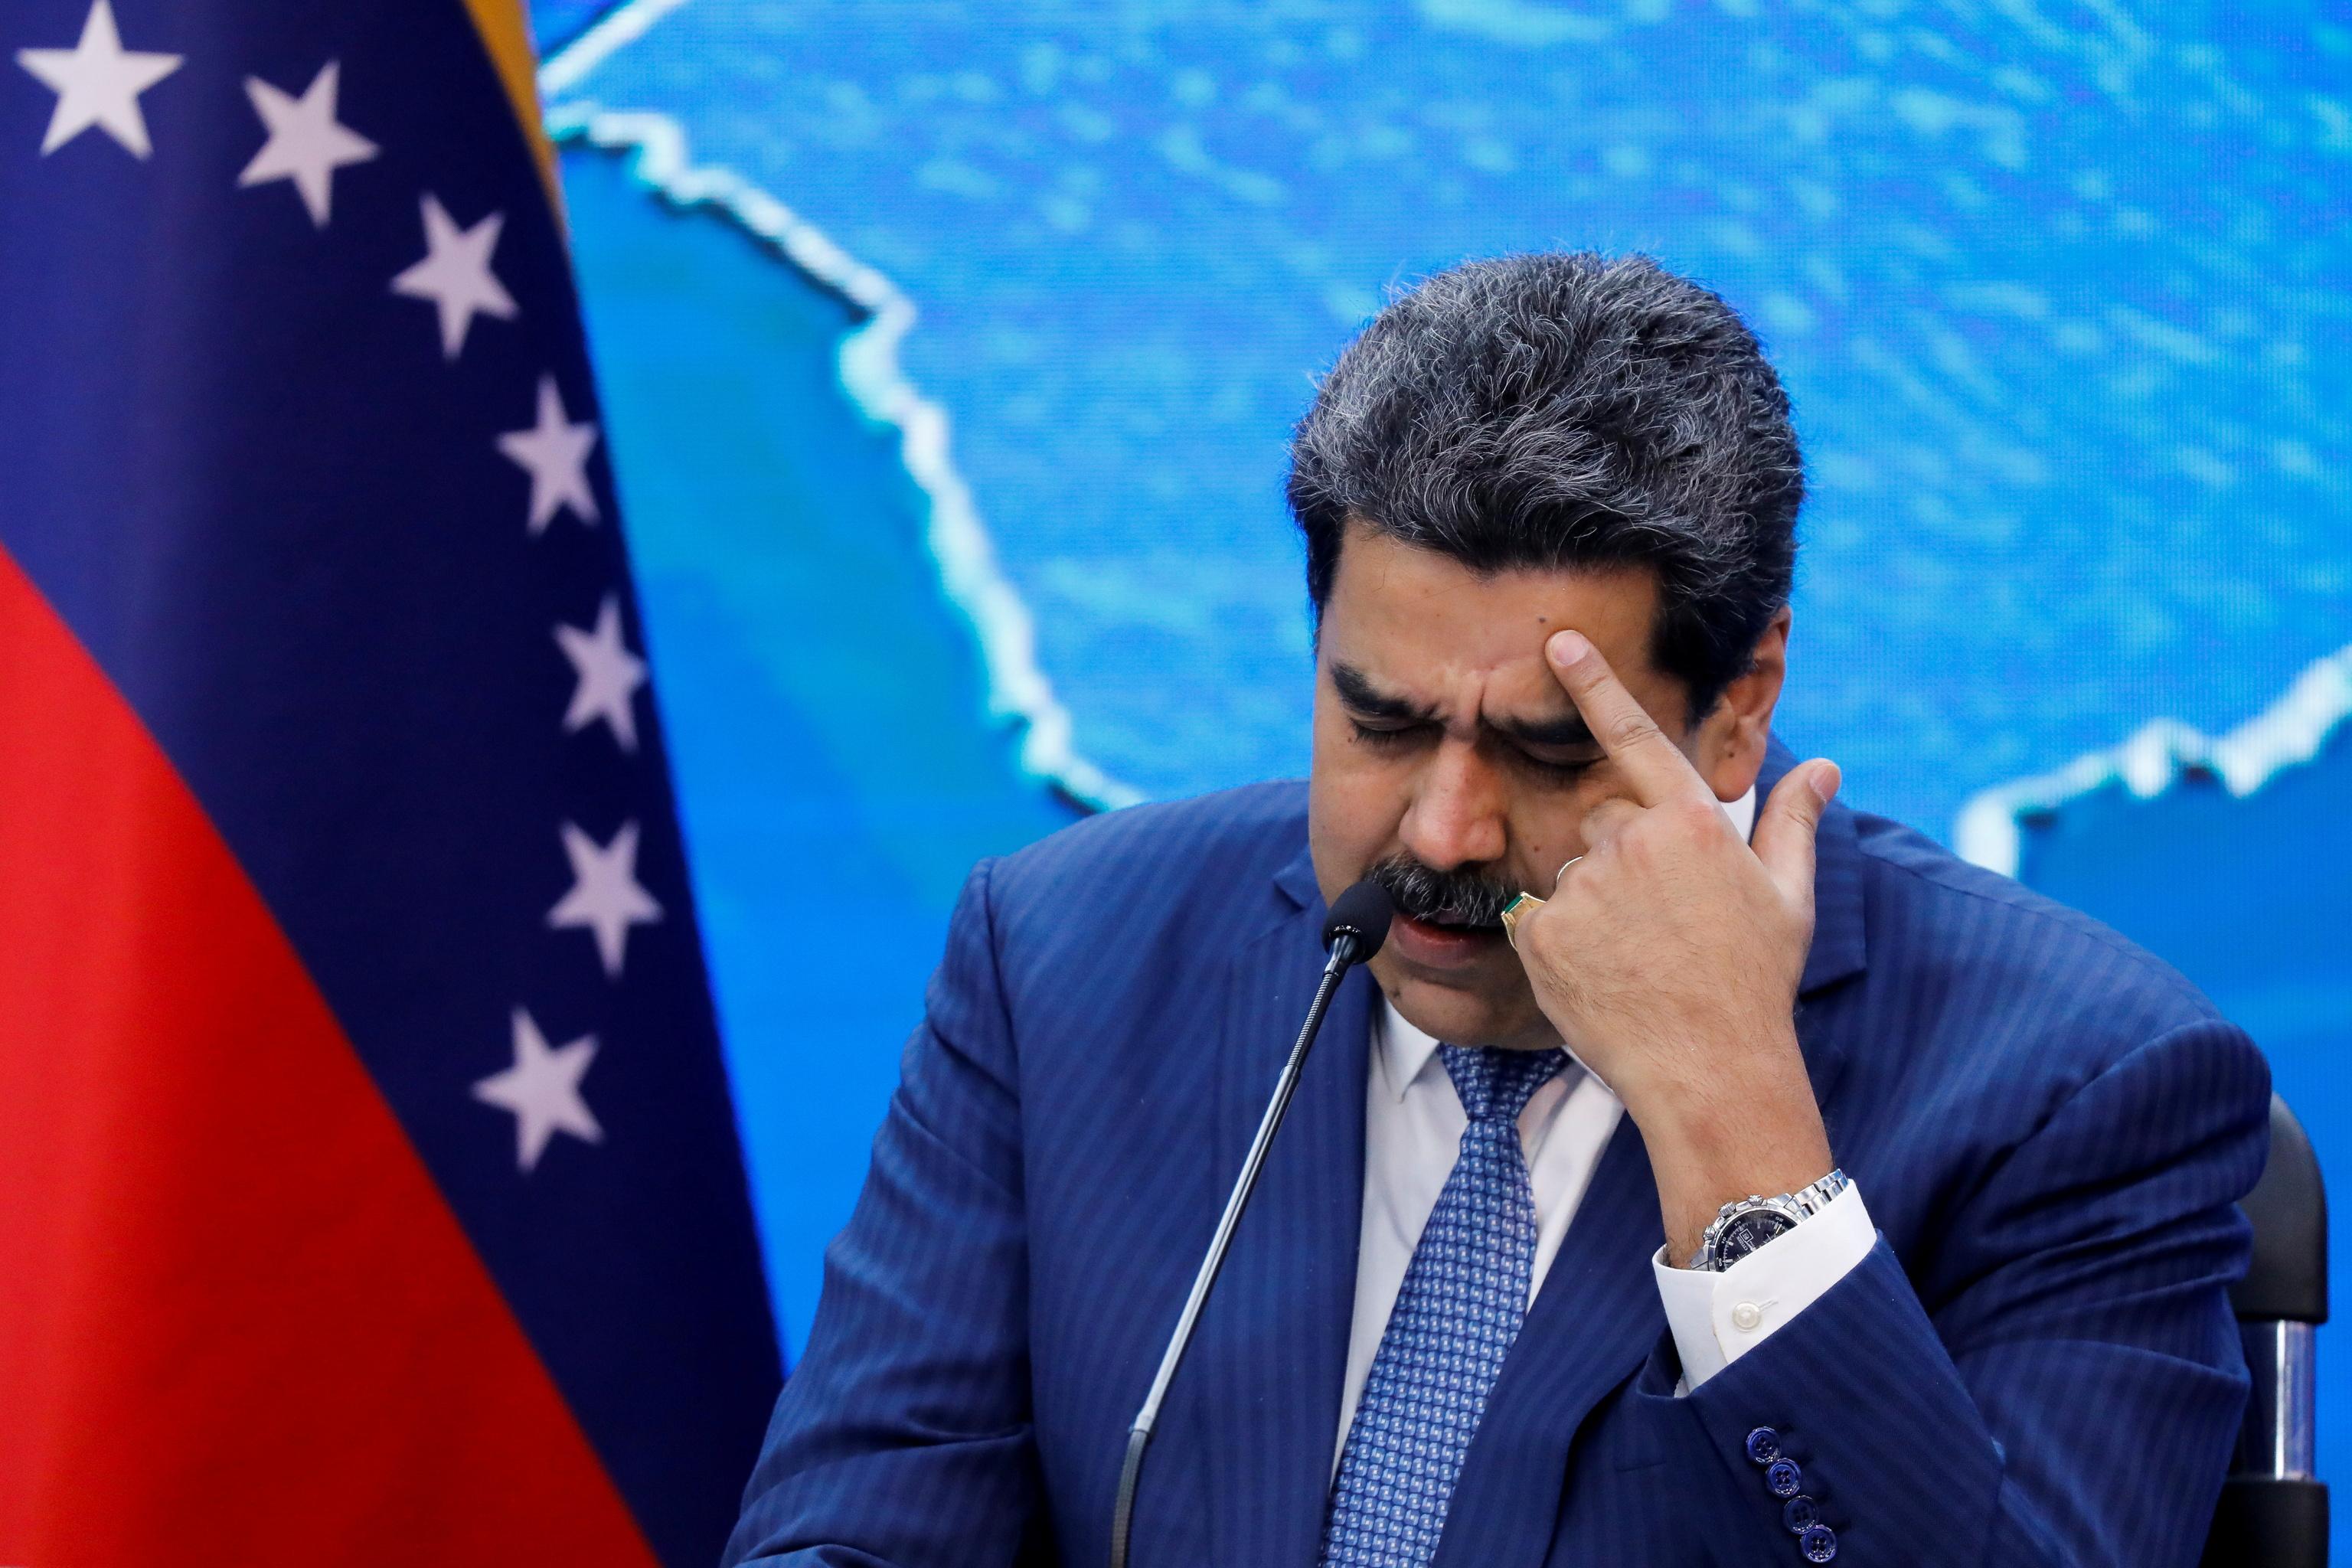 El presidente venezolano, Nicolás Maduro, en una rueda de prensa.